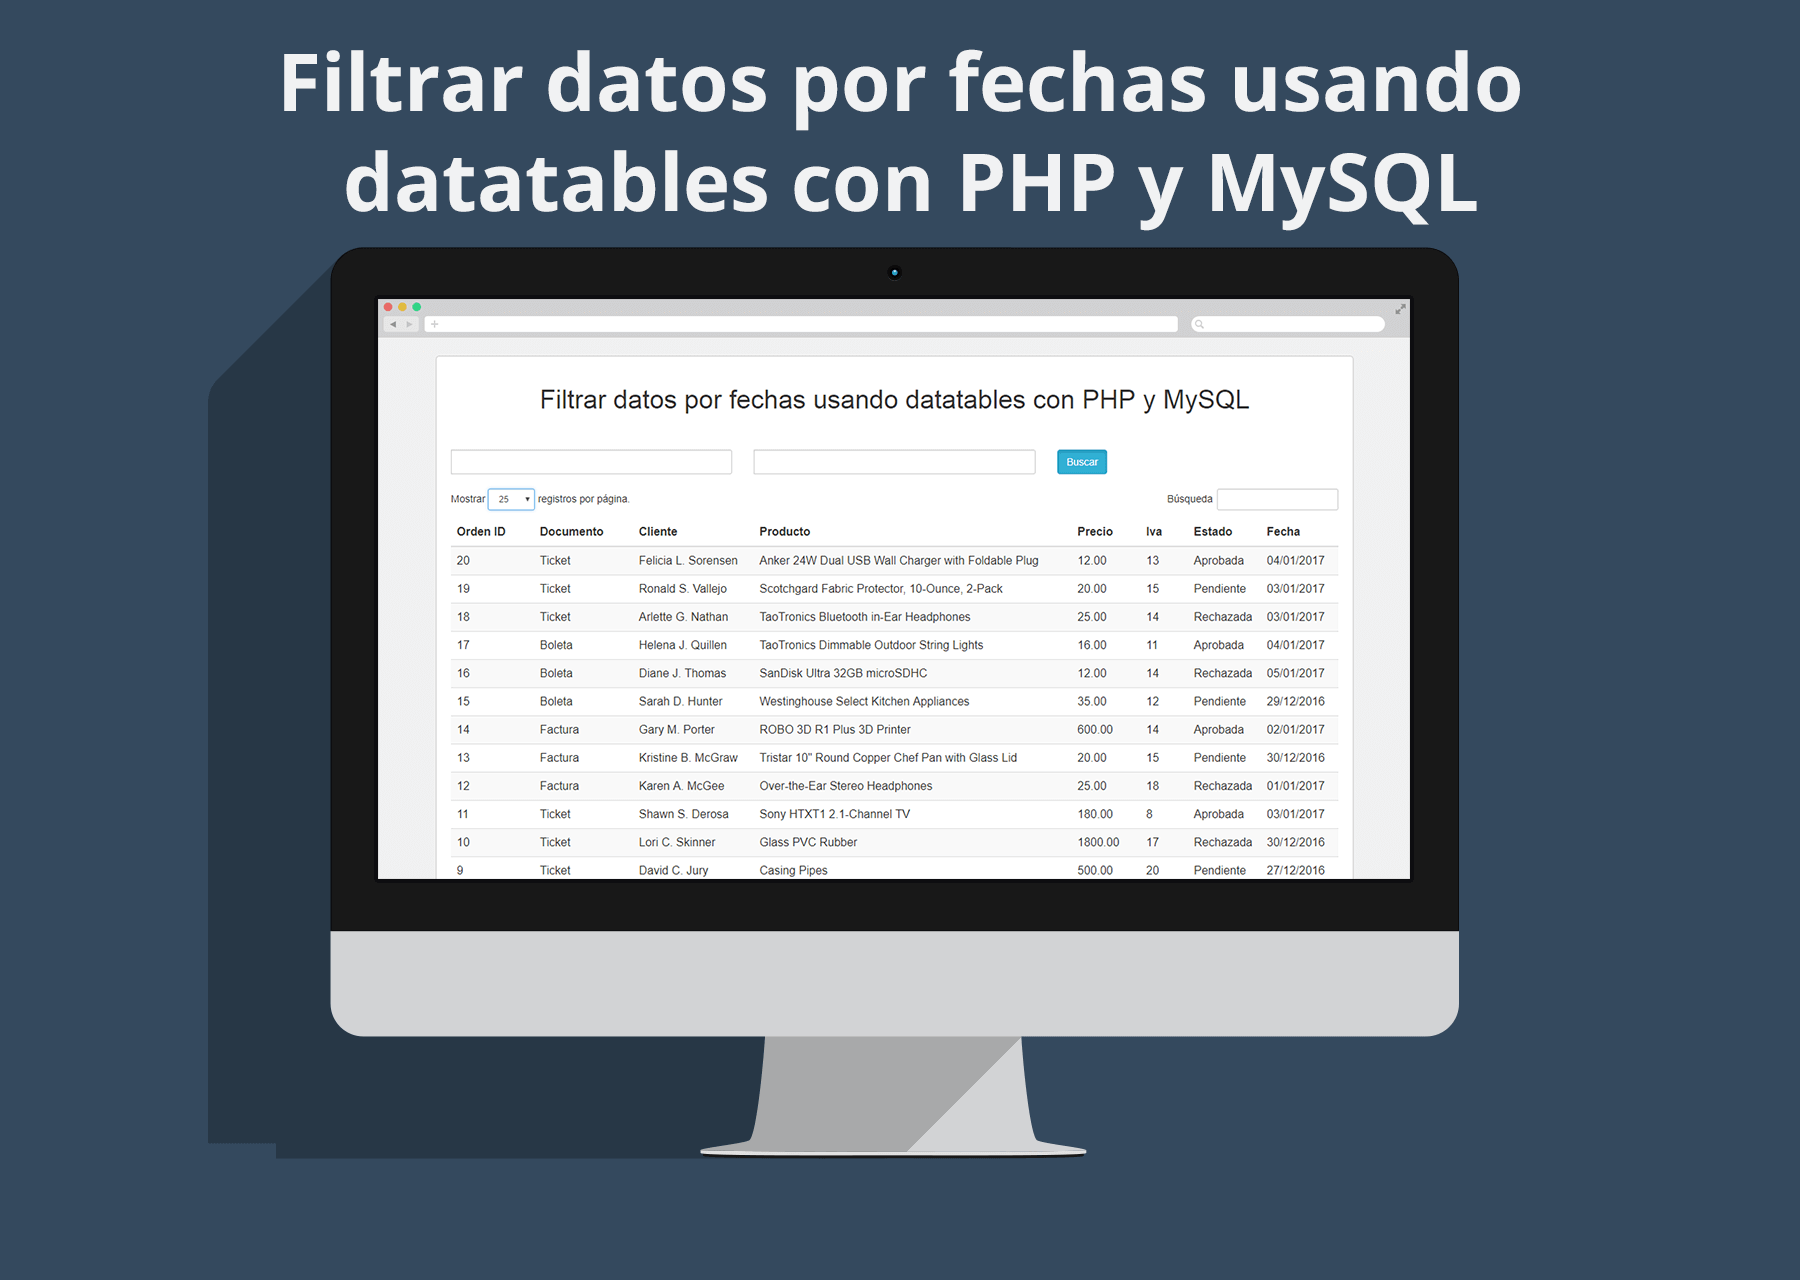 Filtrar datos por fechas usando datatables con PHP y MySQL